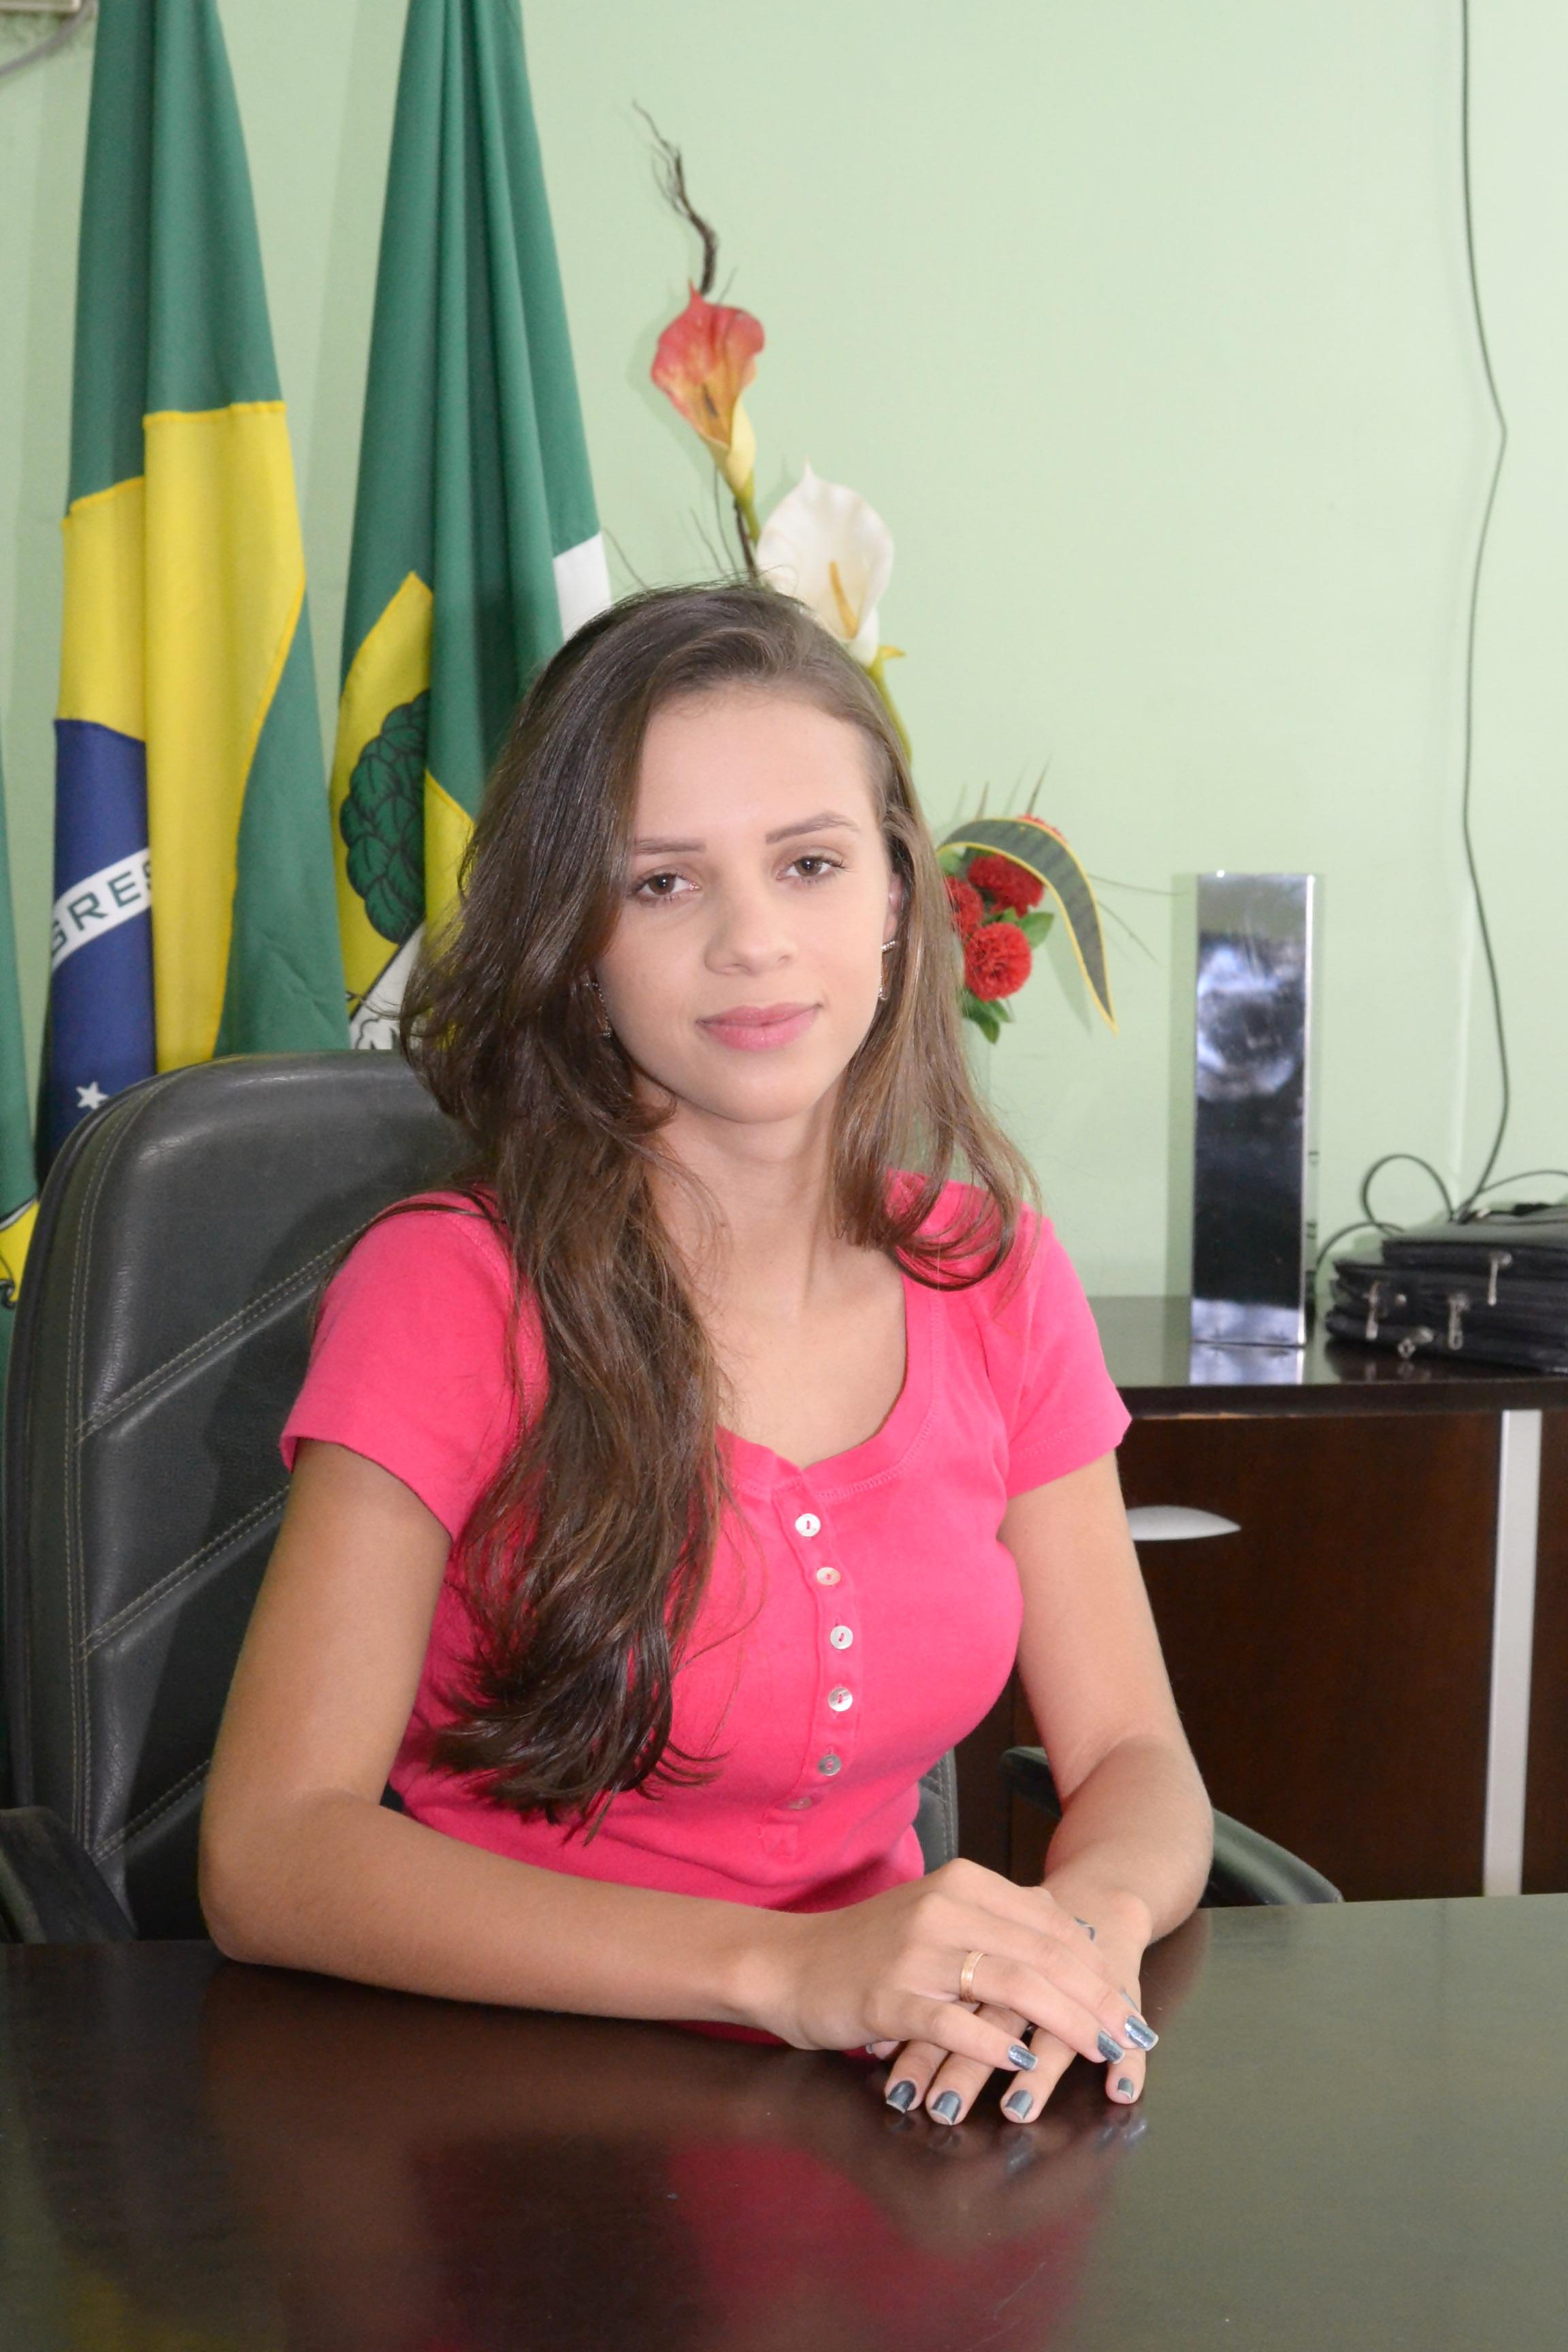 Marina Caroline Sena de Oliveira